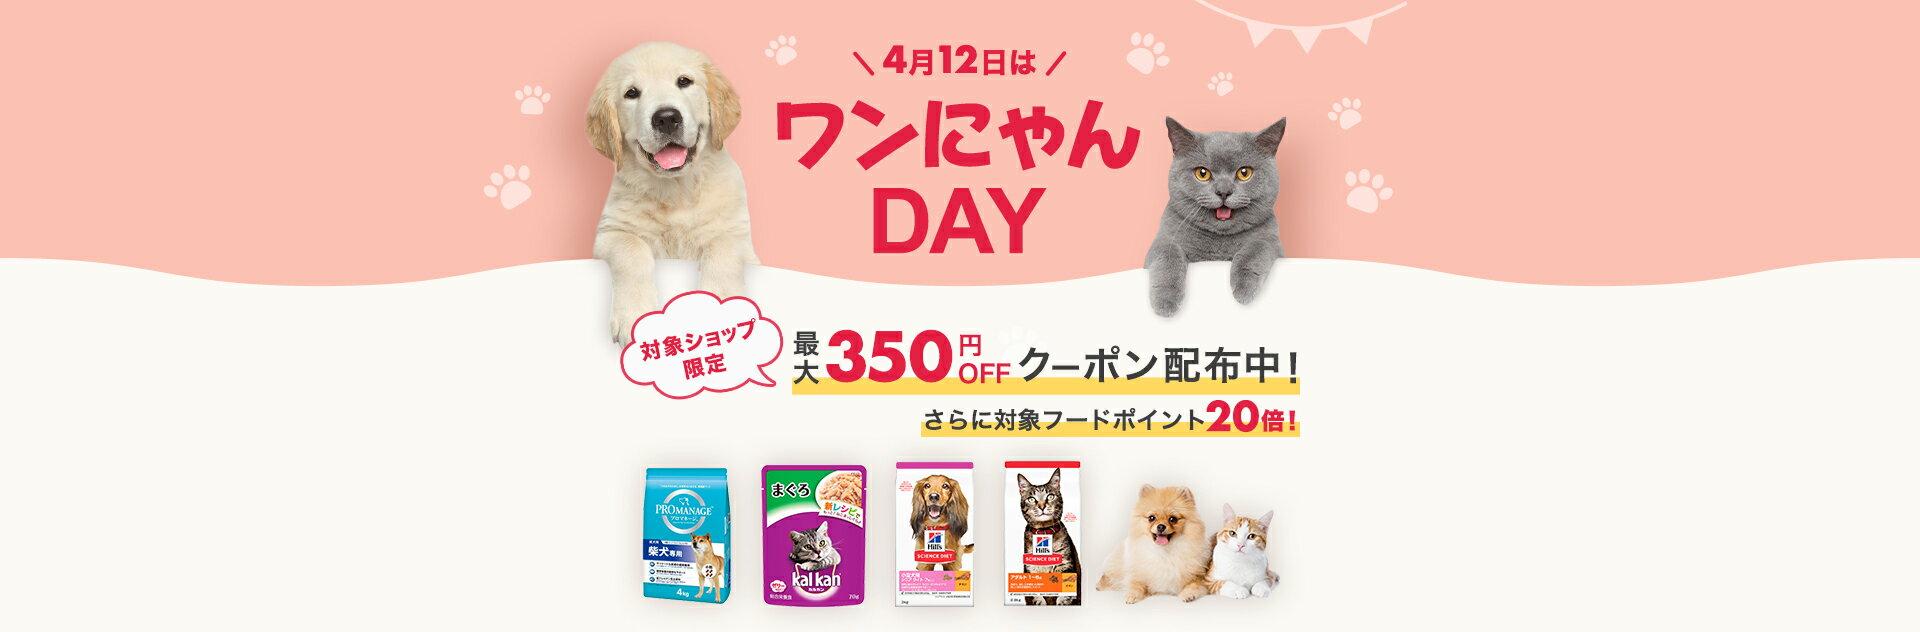 4月12日は ワンにゃんDAY 対象ショップ限定最大350円OFFクーポン配付中!